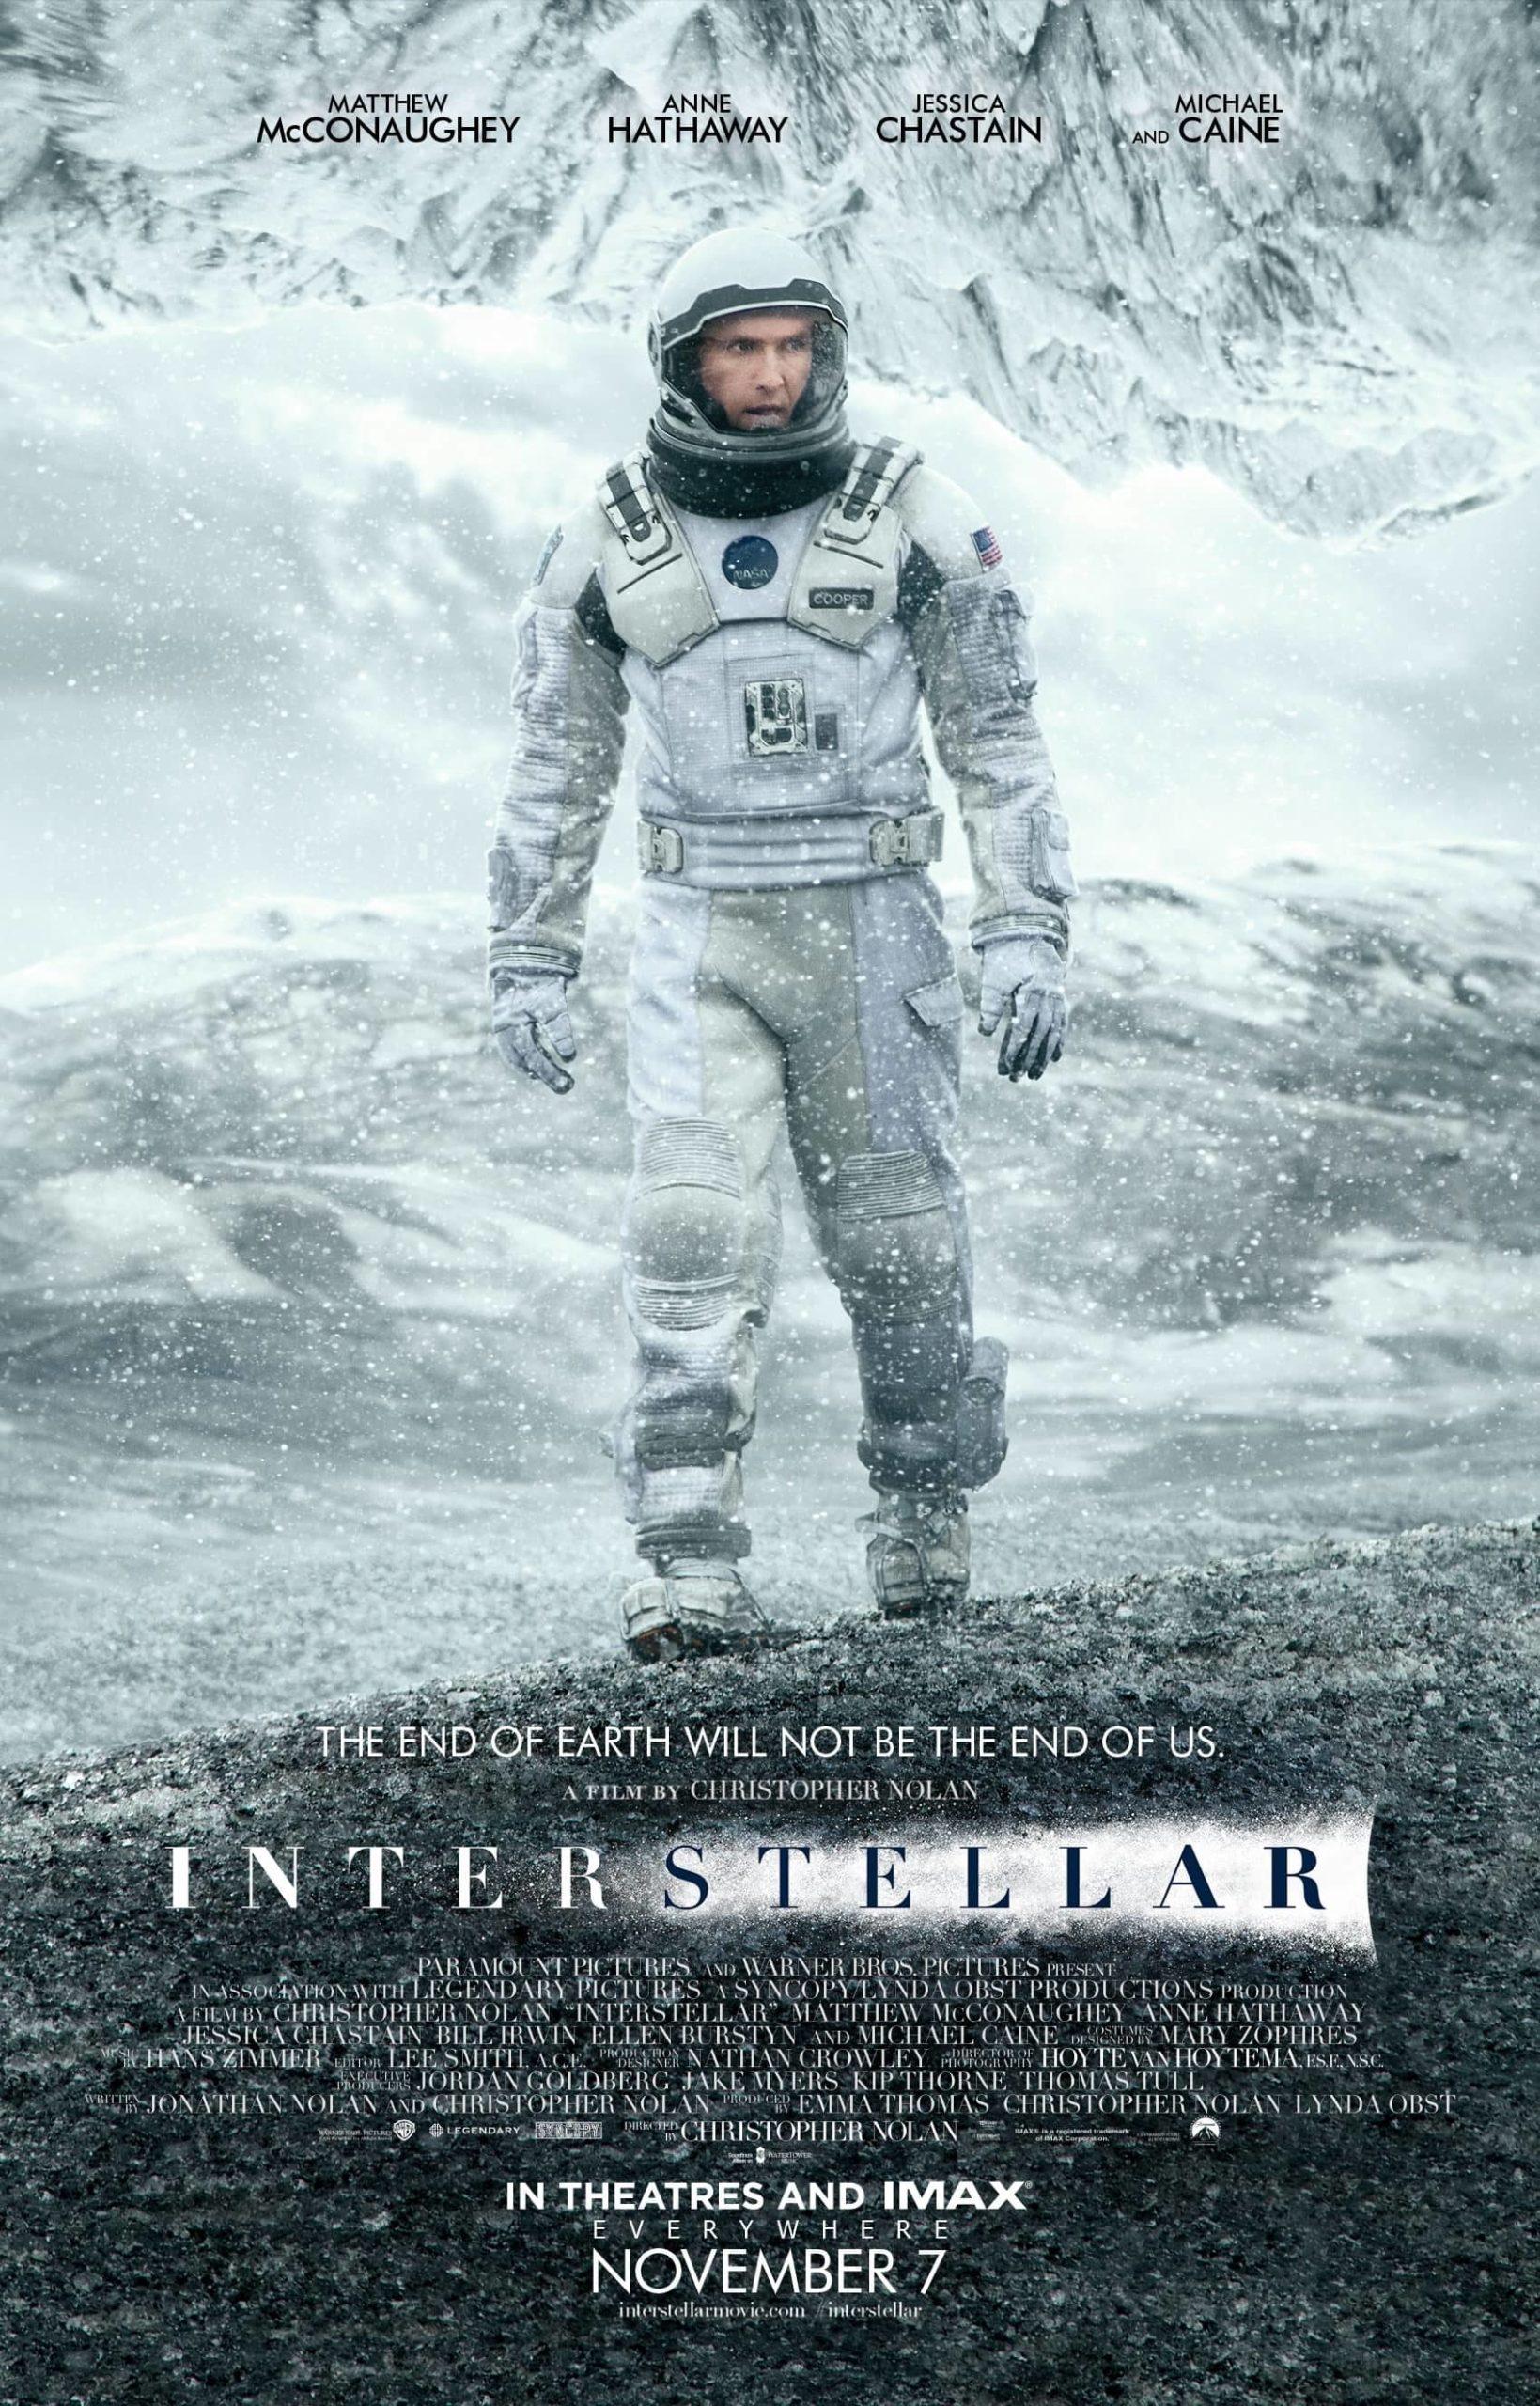 Posters de Interstellar interestelar (5)